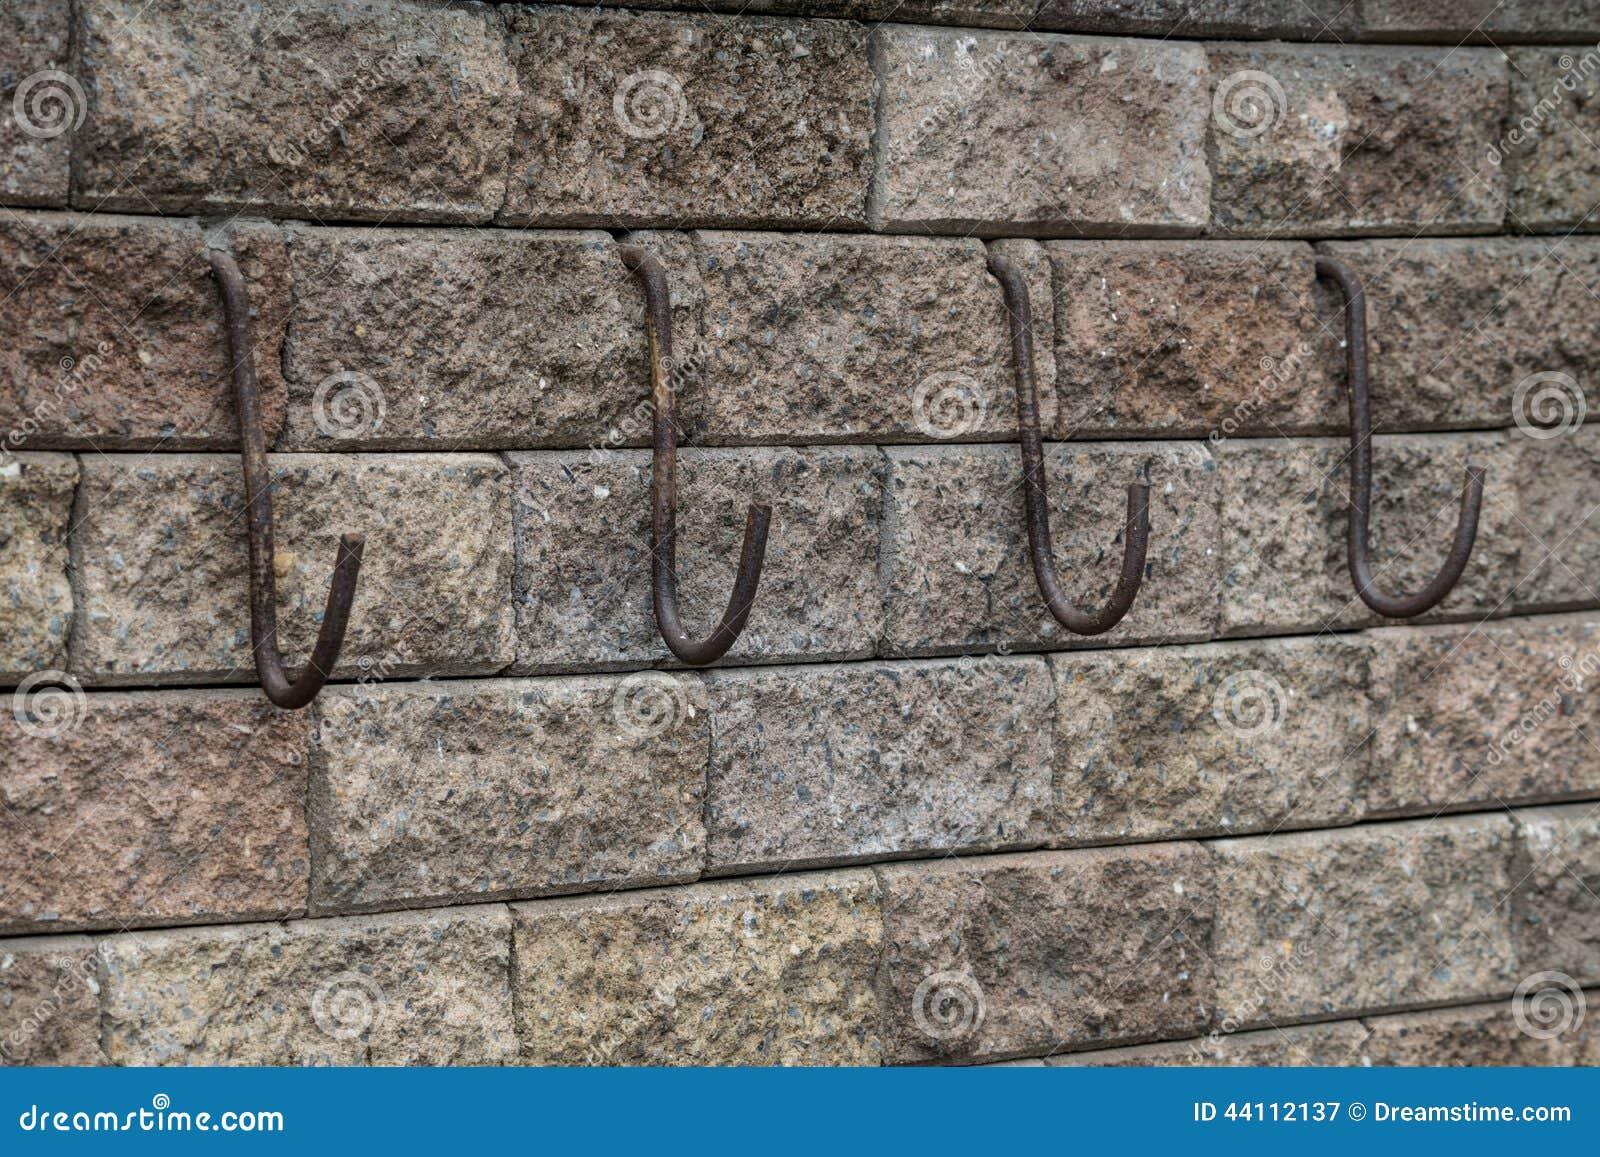 Haken Op De Bakstenen Muur Stock Afbeelding Afbeelding Bestaande